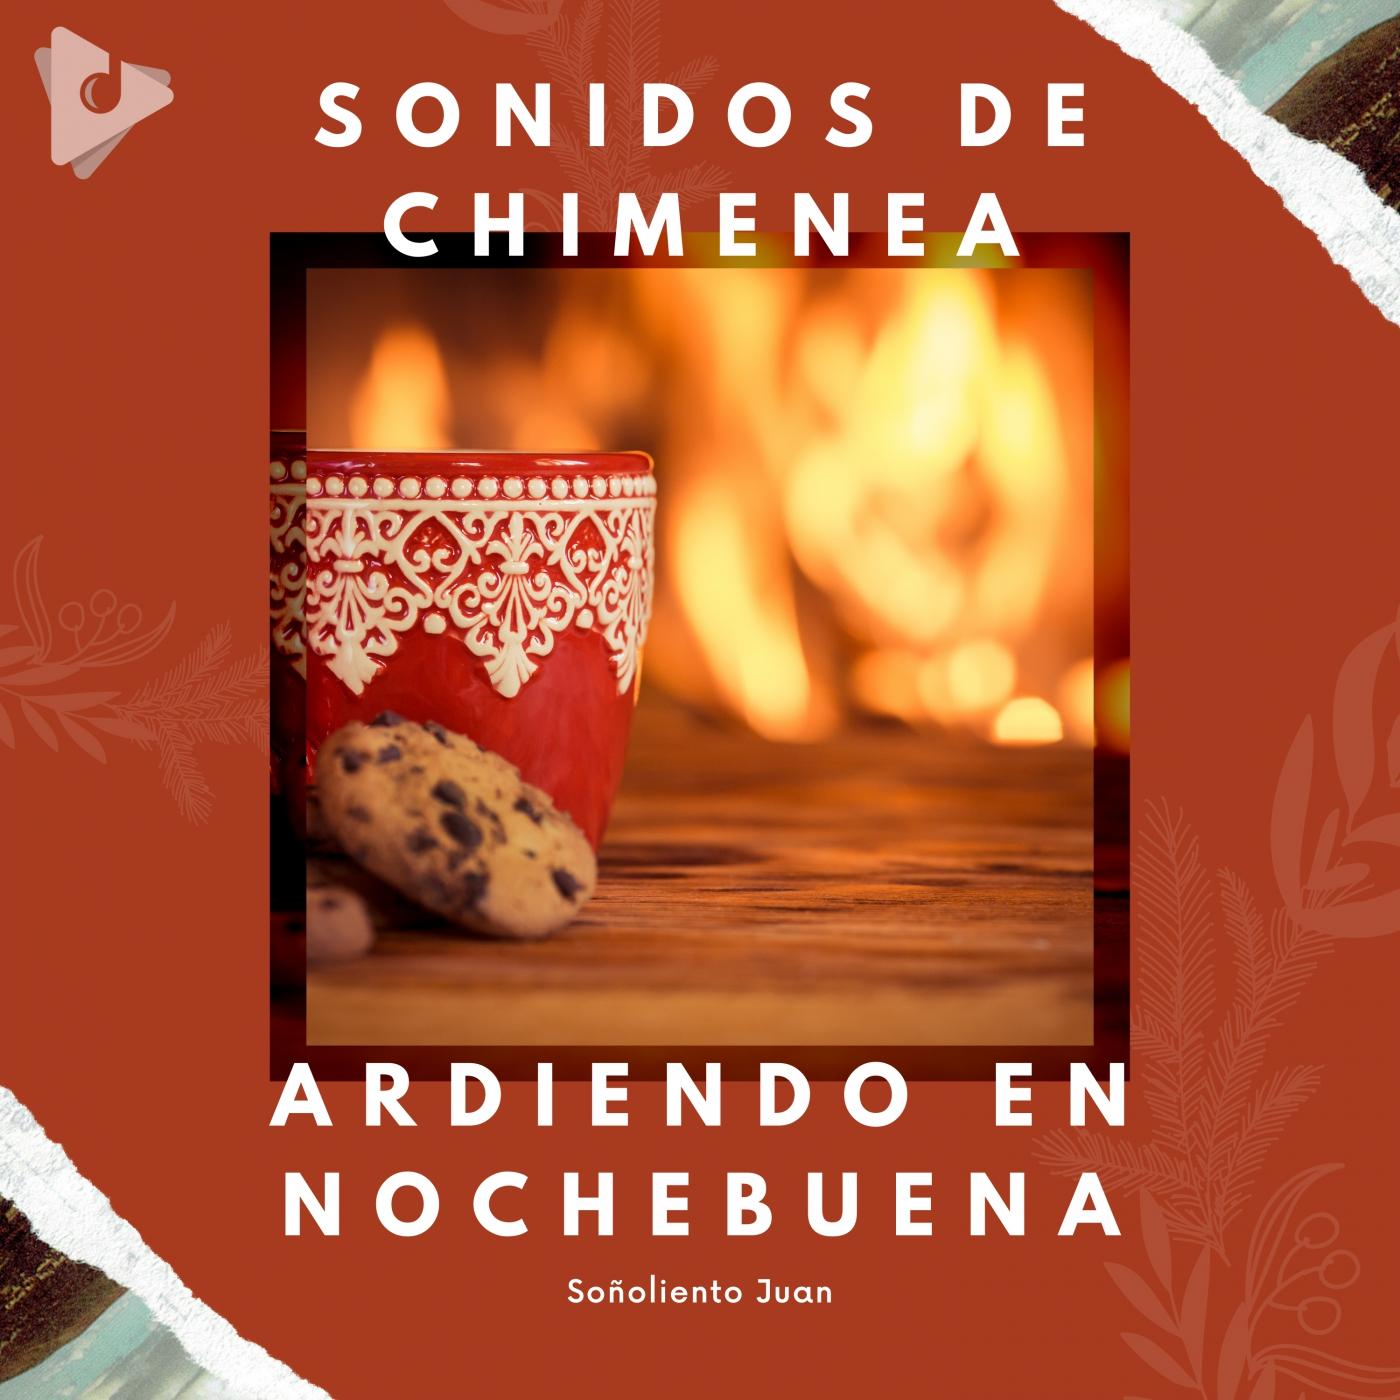 Sonidos de Chimenea Ardiendo en Nochebuena